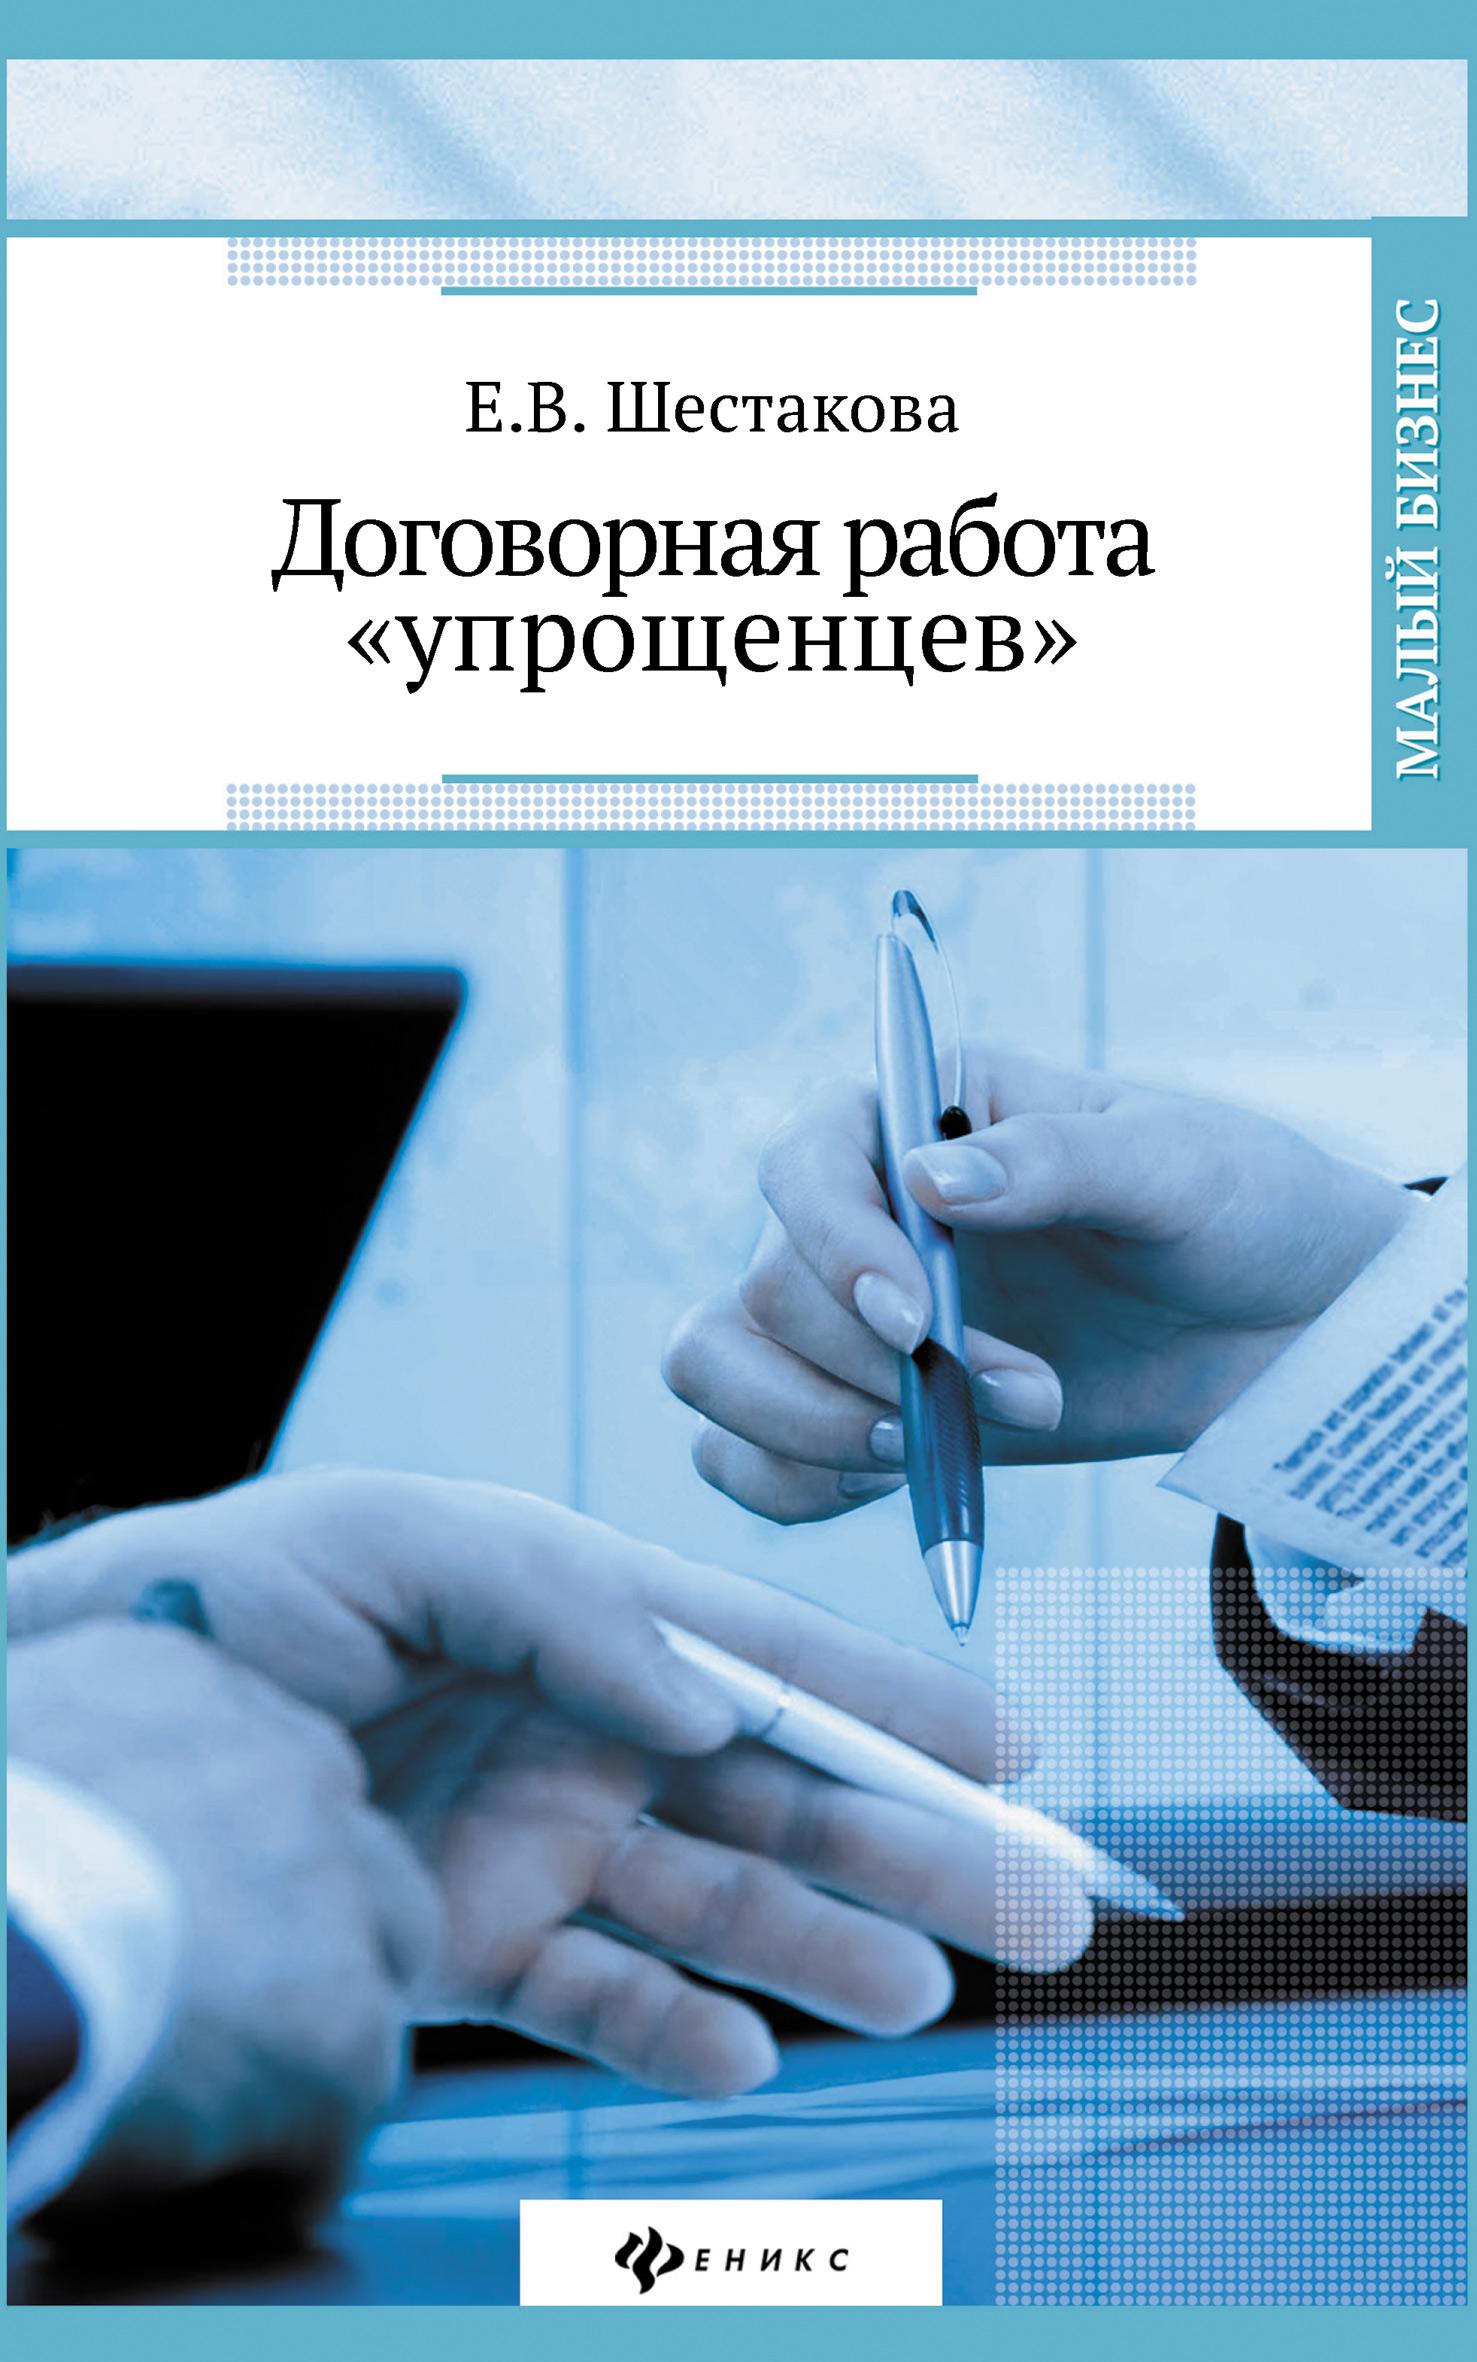 фото обложки издания Договорная работа «упрощенцев»